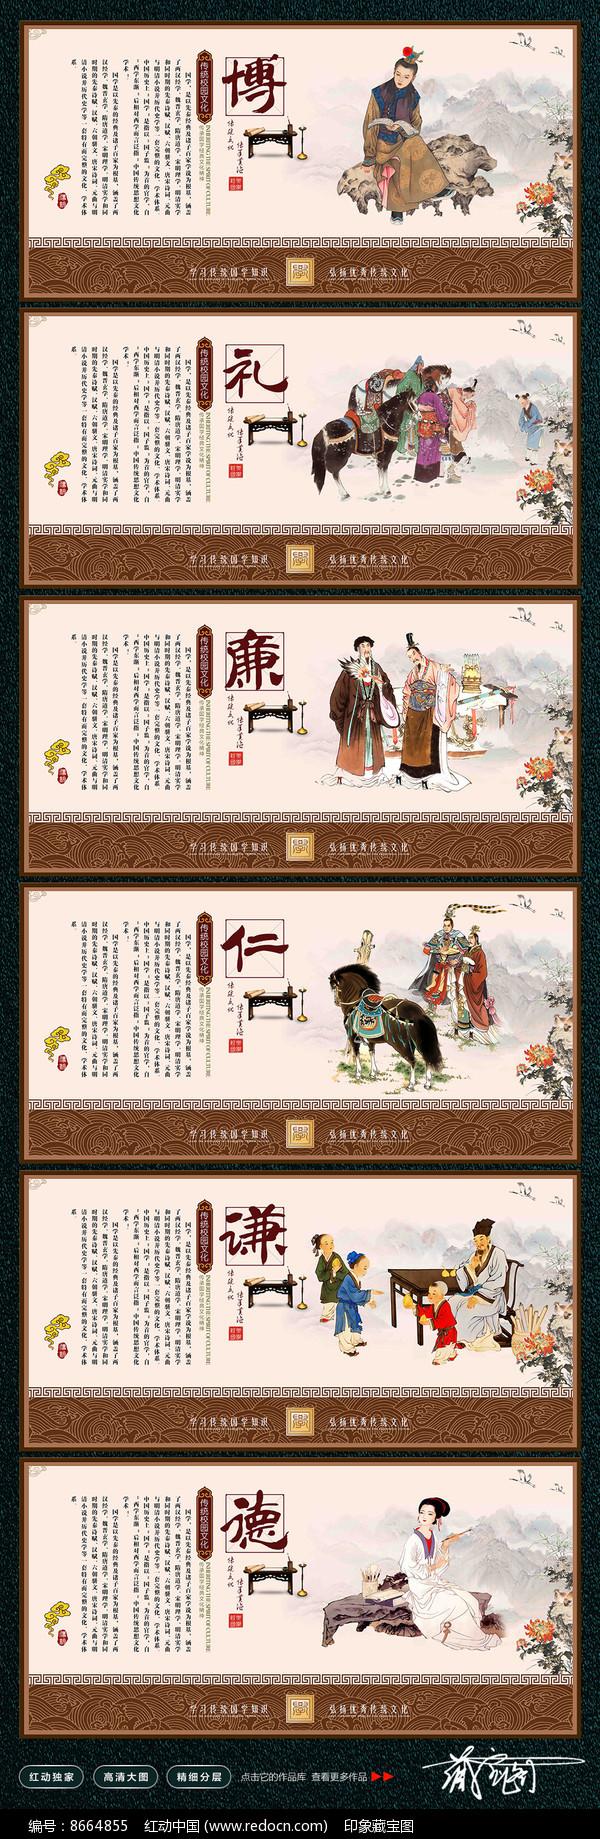 中国风传统国学校园文化展板图片